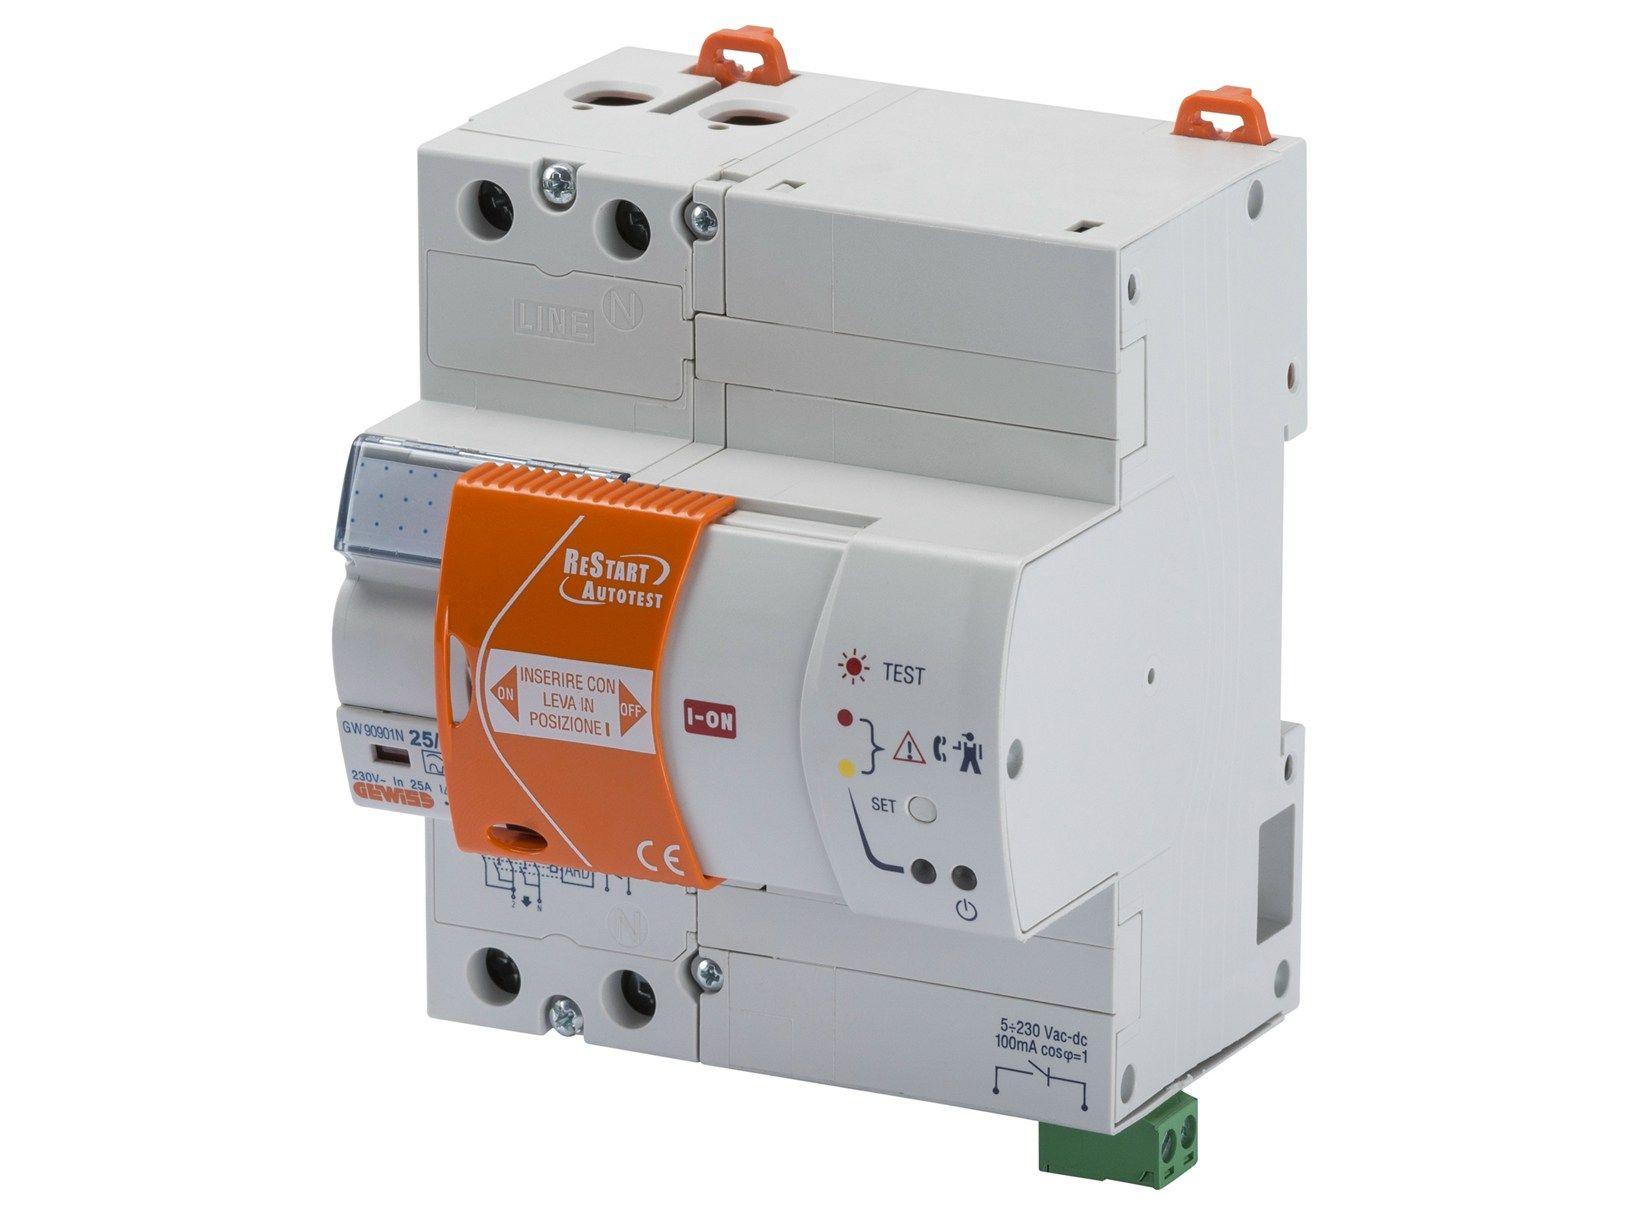 ReStart Autotest, il dispositivo di protezione Gewiss per la sicurezza delle persone e dell'impianto elettrico domestico